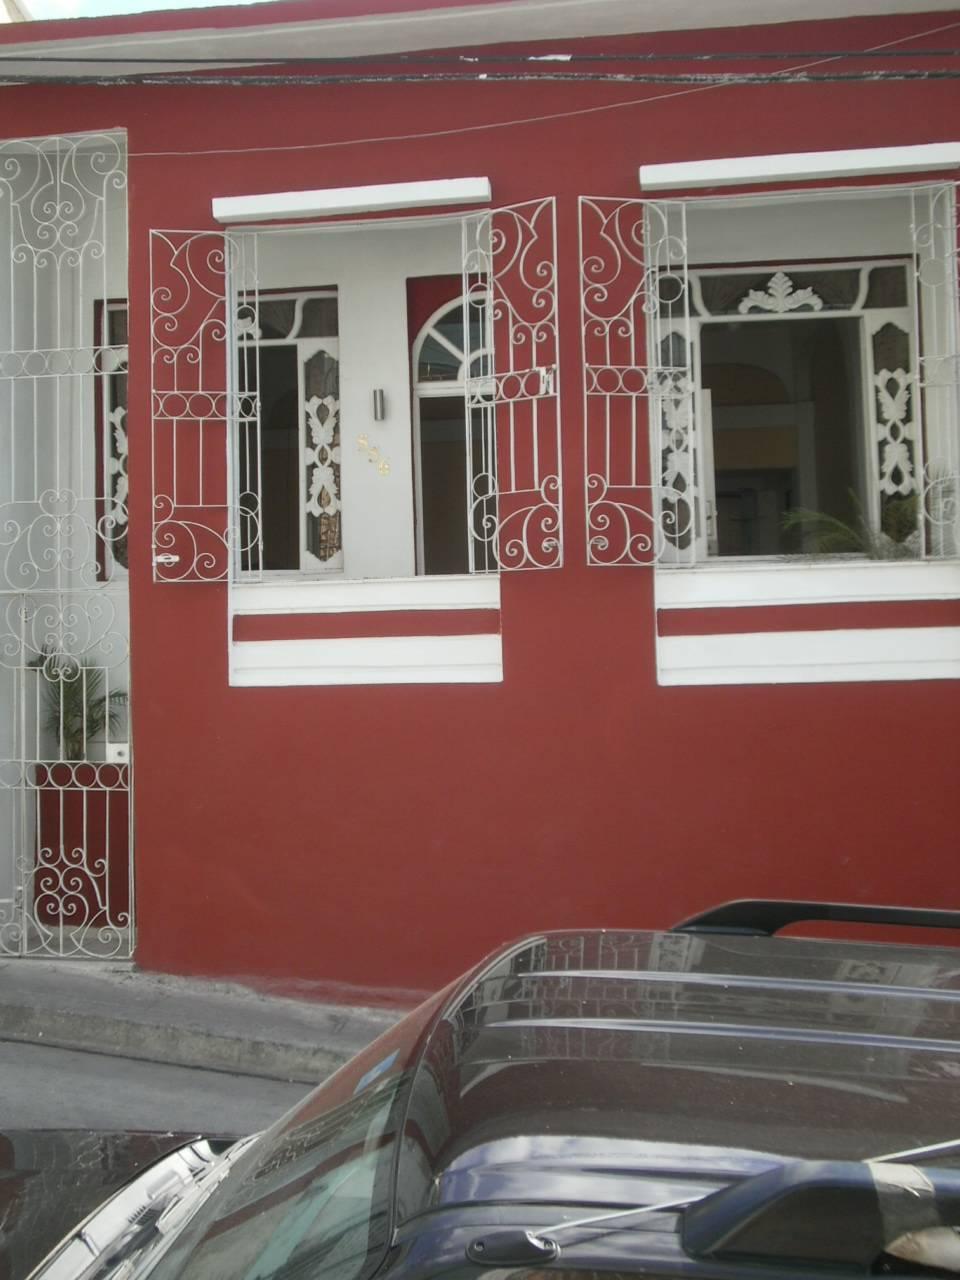 Hostal Adis y Alberto, Santiago de Cuba, Cuba, Les 5 meilleurs endroits à visiter et à rester dans les hôtels dans Santiago de Cuba